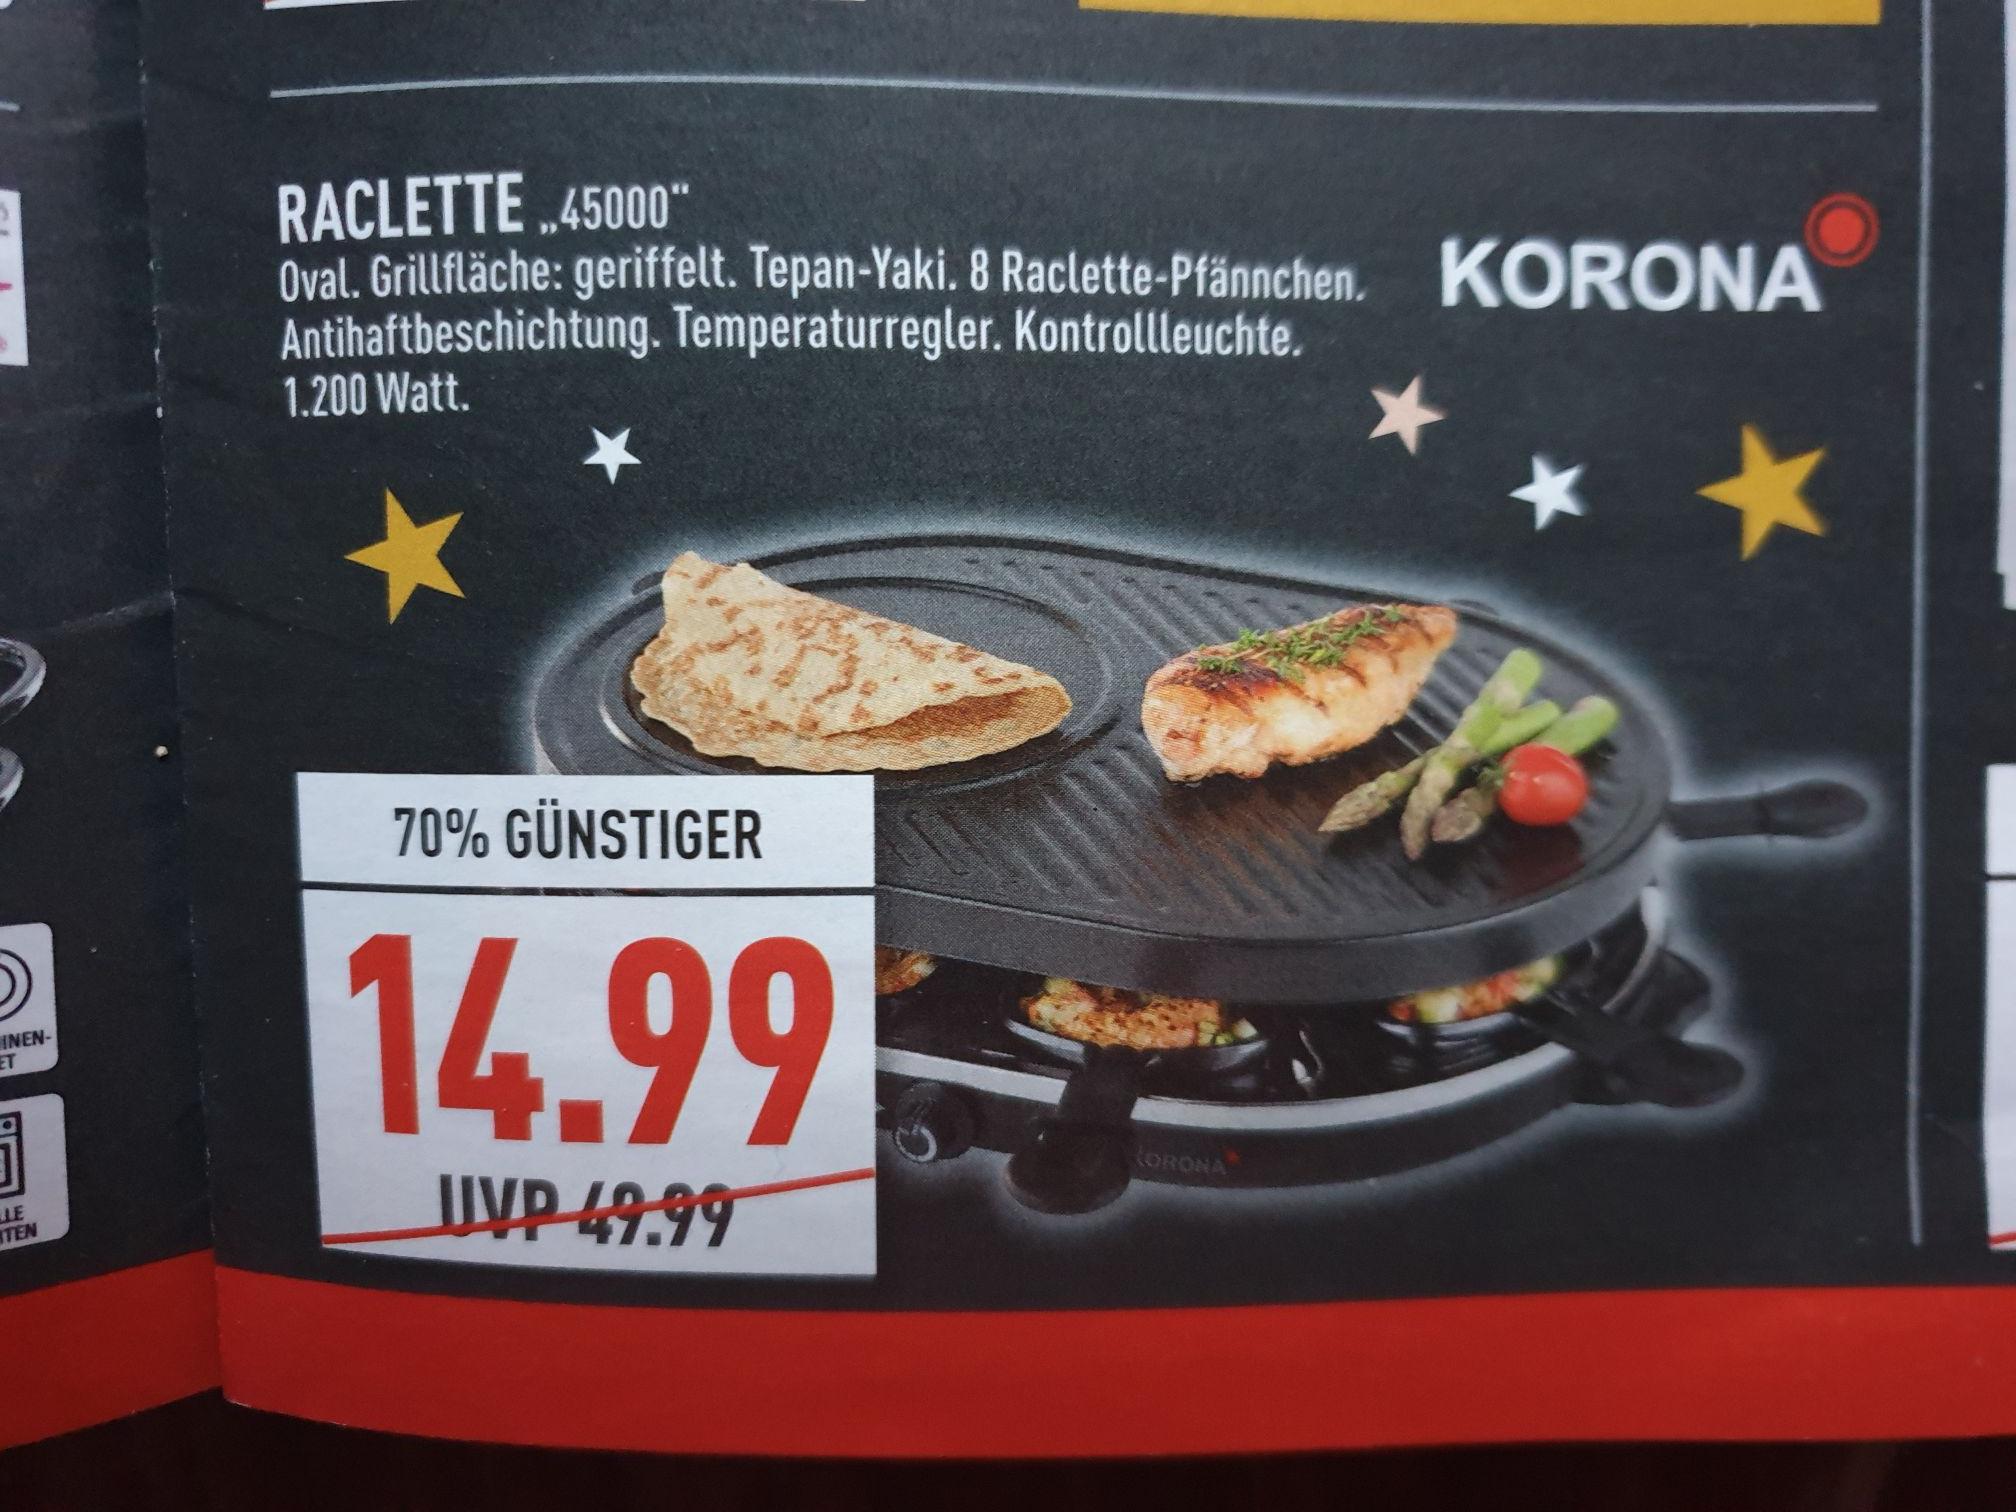 (Marktkauf Rhein-Ruhr) Raclette für 8 Personen Korona 45000 mit Crepemaker